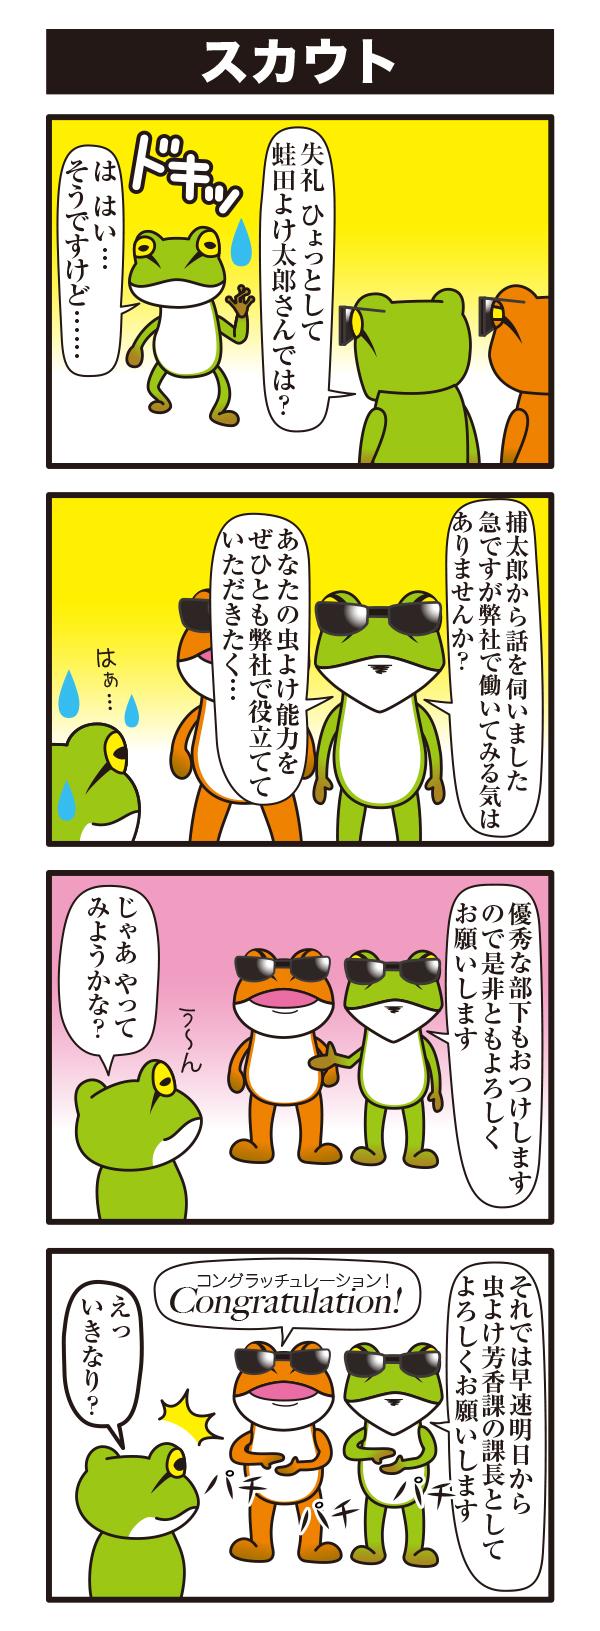 蛙田捕太郎漫画